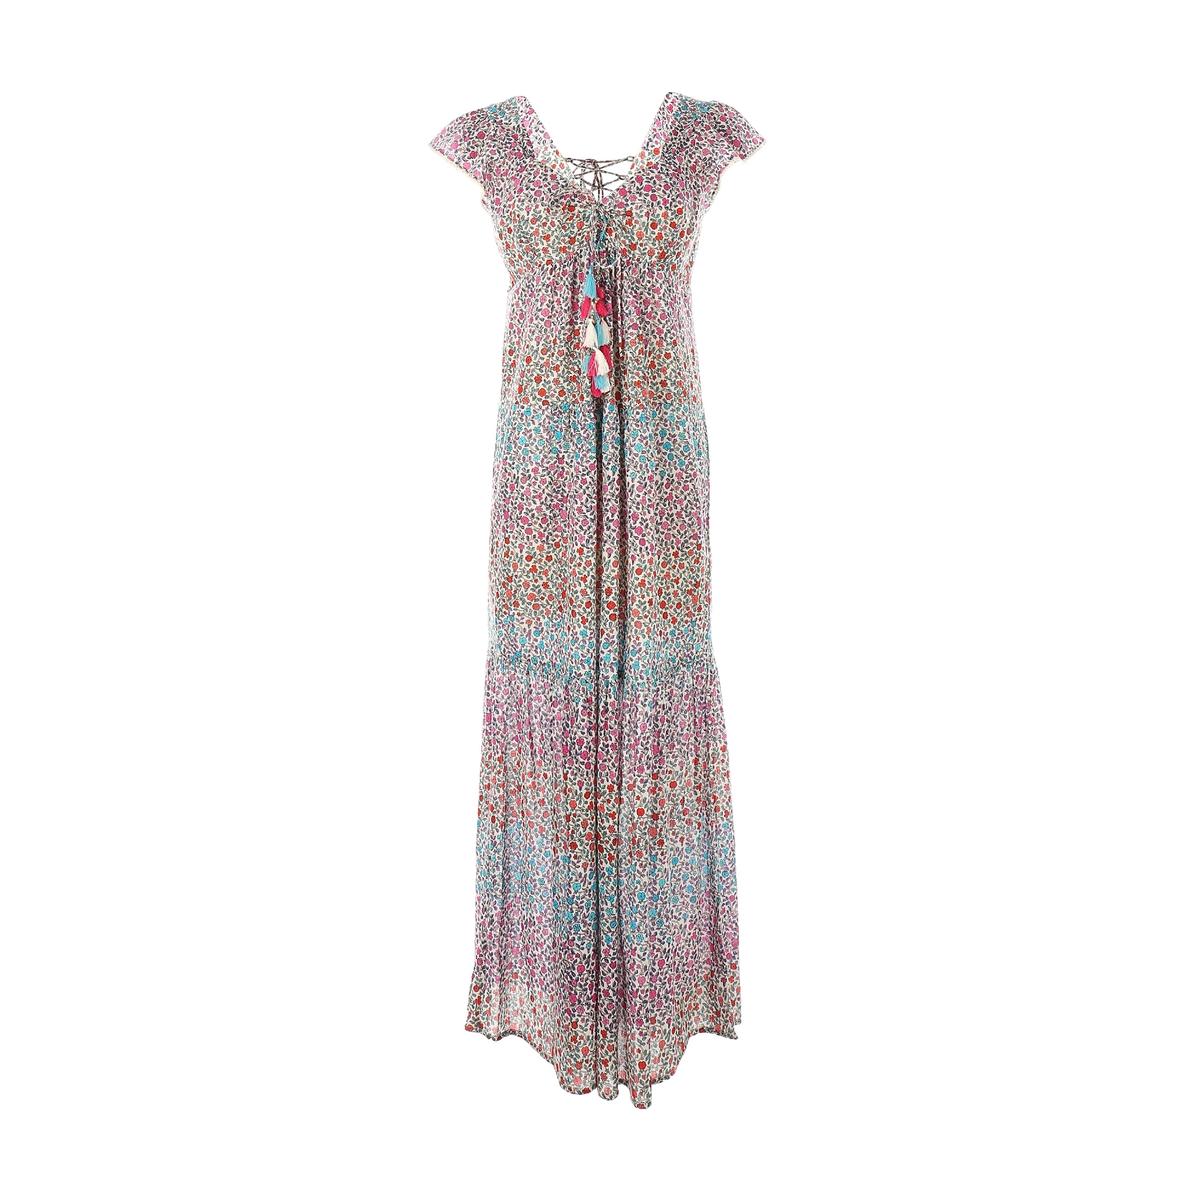 Платье длинное, с короткими рукавамиДетали •  Форма : прямая   •  Длинное •  Короткие рукава    •   V-образный вырез •  Рисунок-принтСостав и уход •  100% хлопок   •  Следуйте советам по уходу, указанным на этикетке<br><br>Цвет: наб. рисунок/ розовый